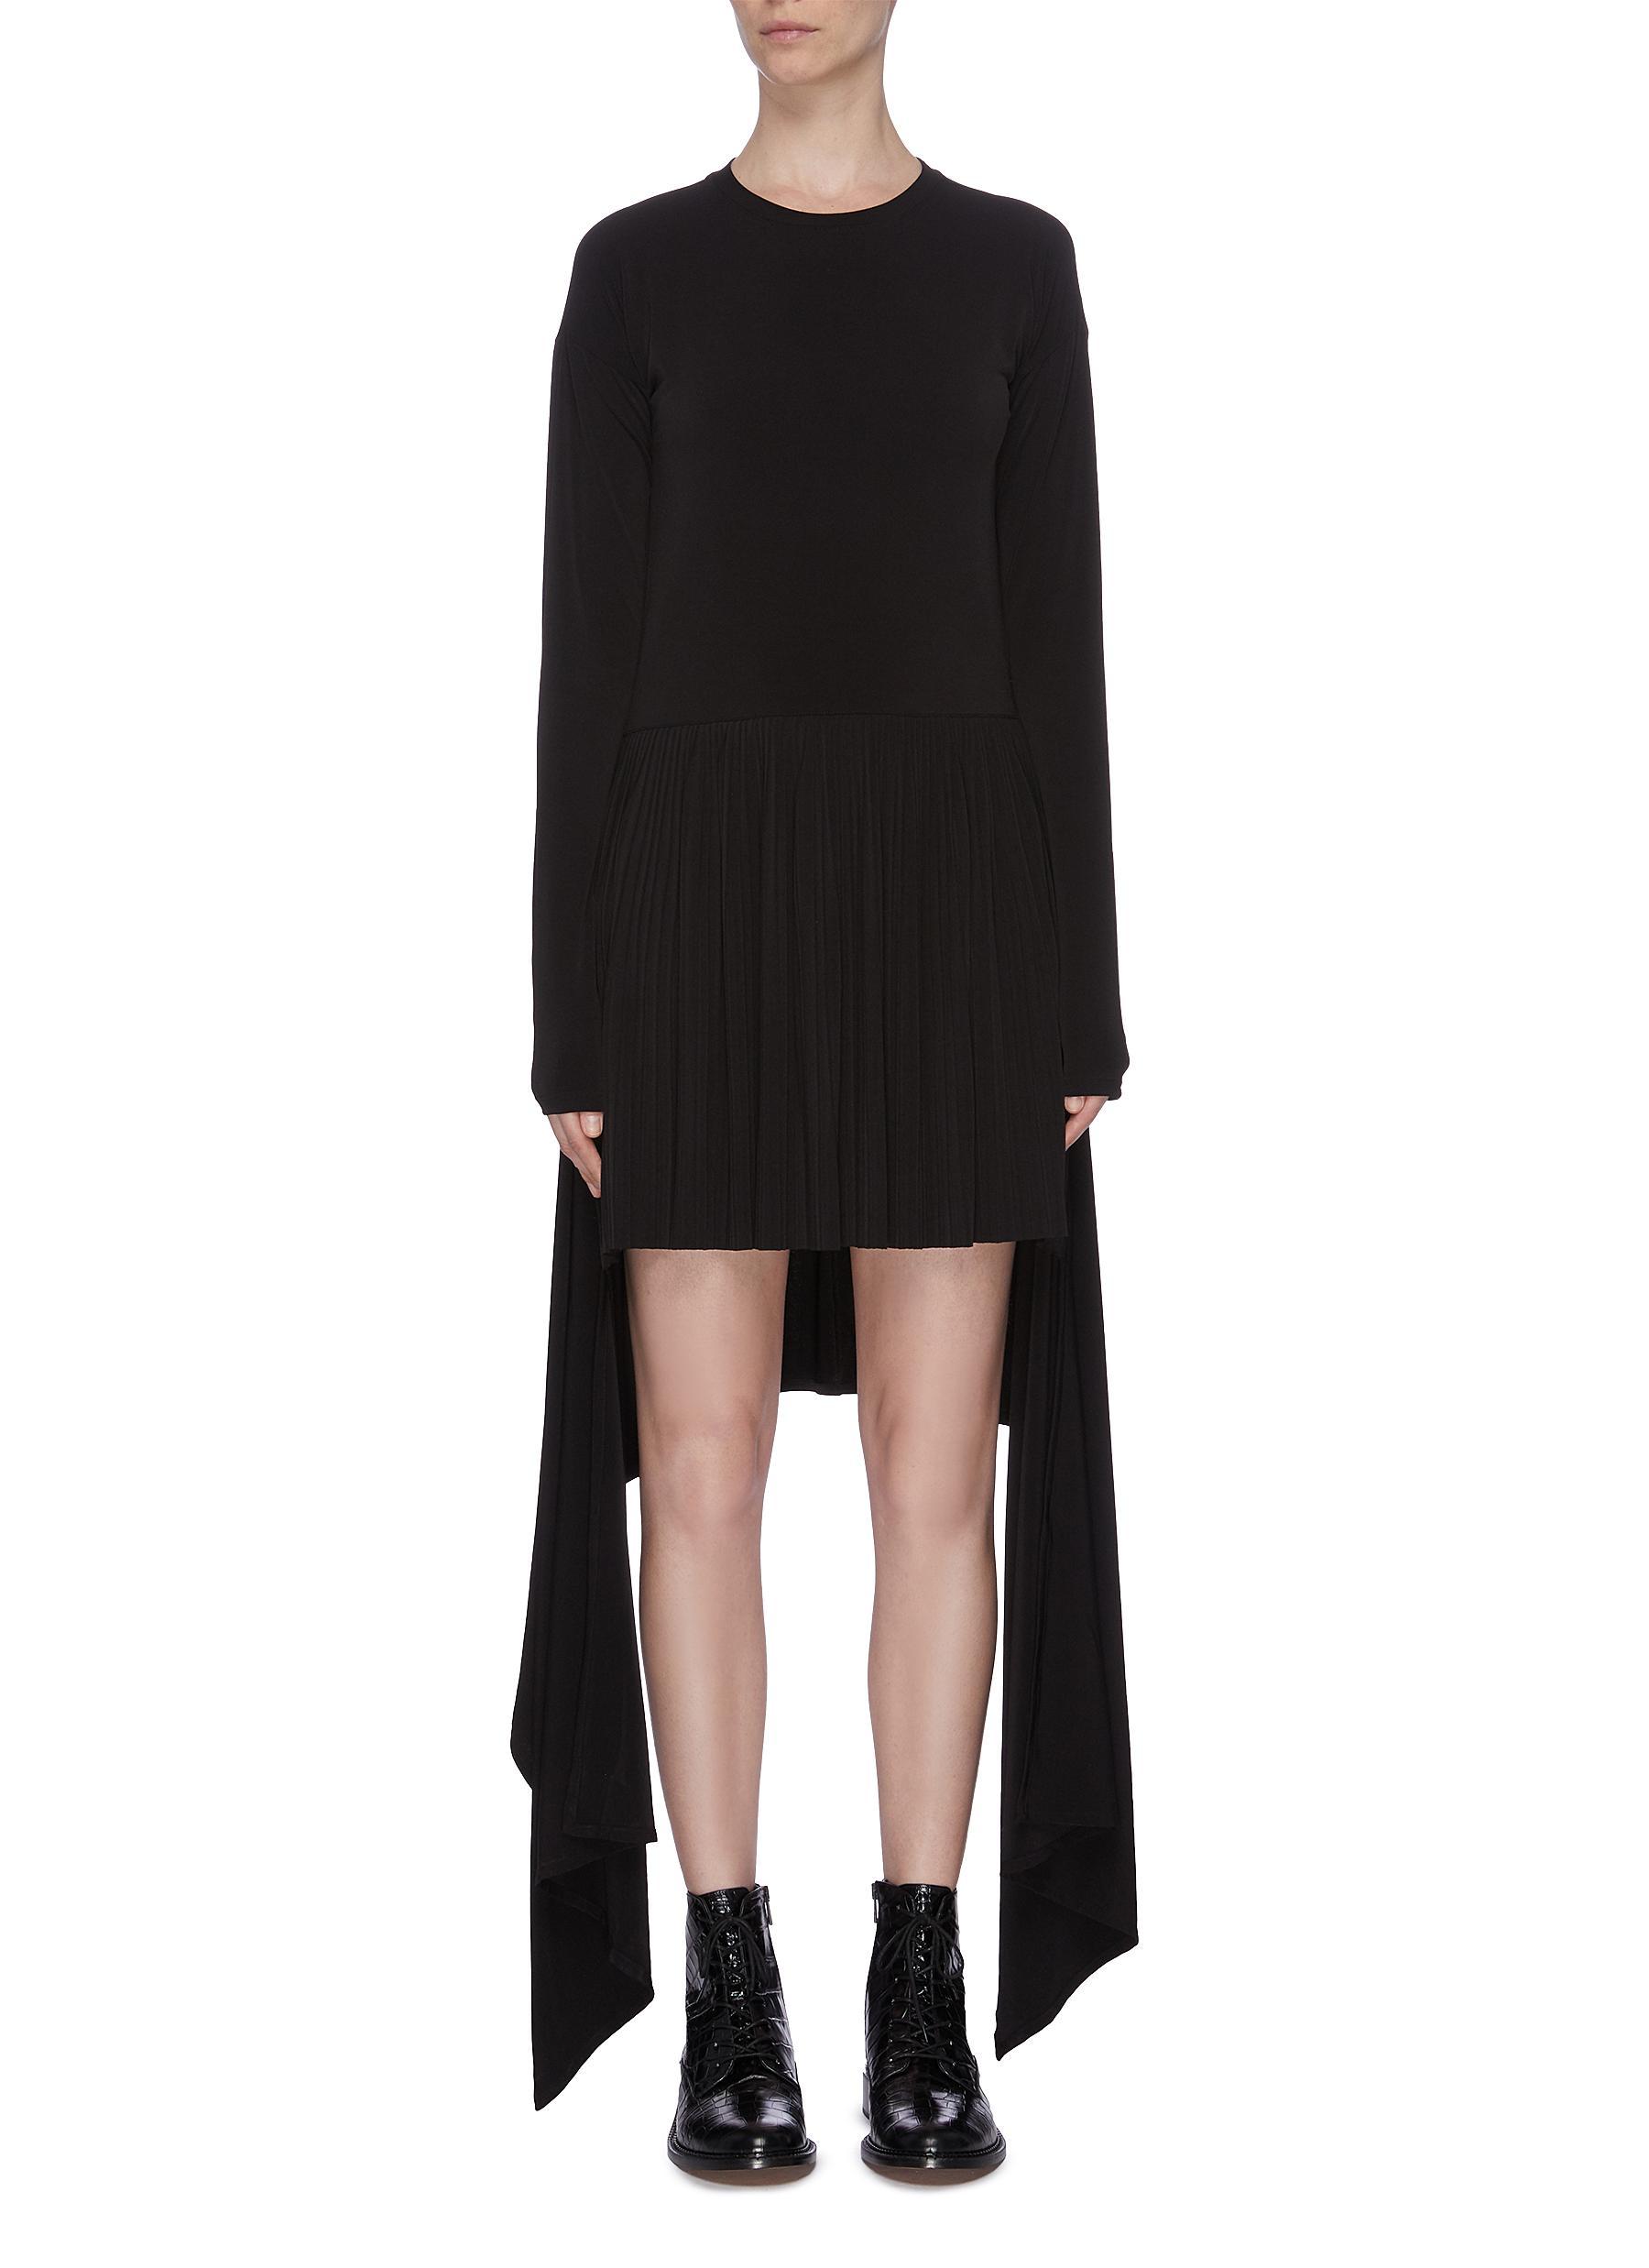 Drape dress by Jw Anderson